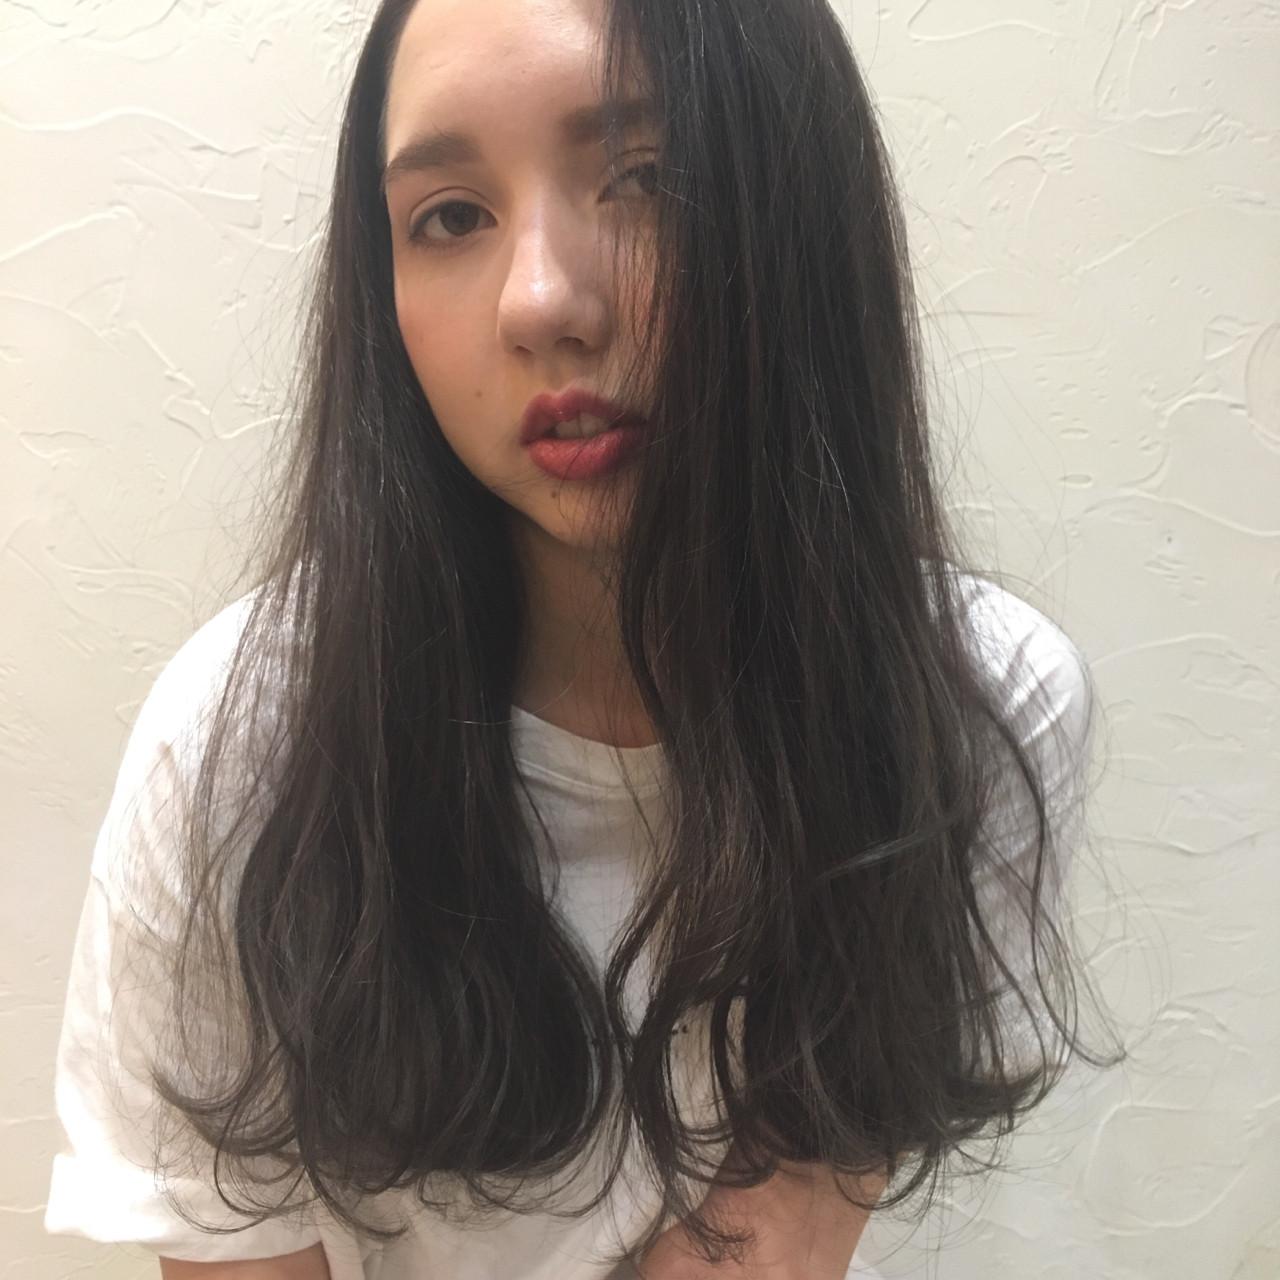 ブルージュ ロング 外国人風 ウェーブ ヘアスタイルや髪型の写真・画像